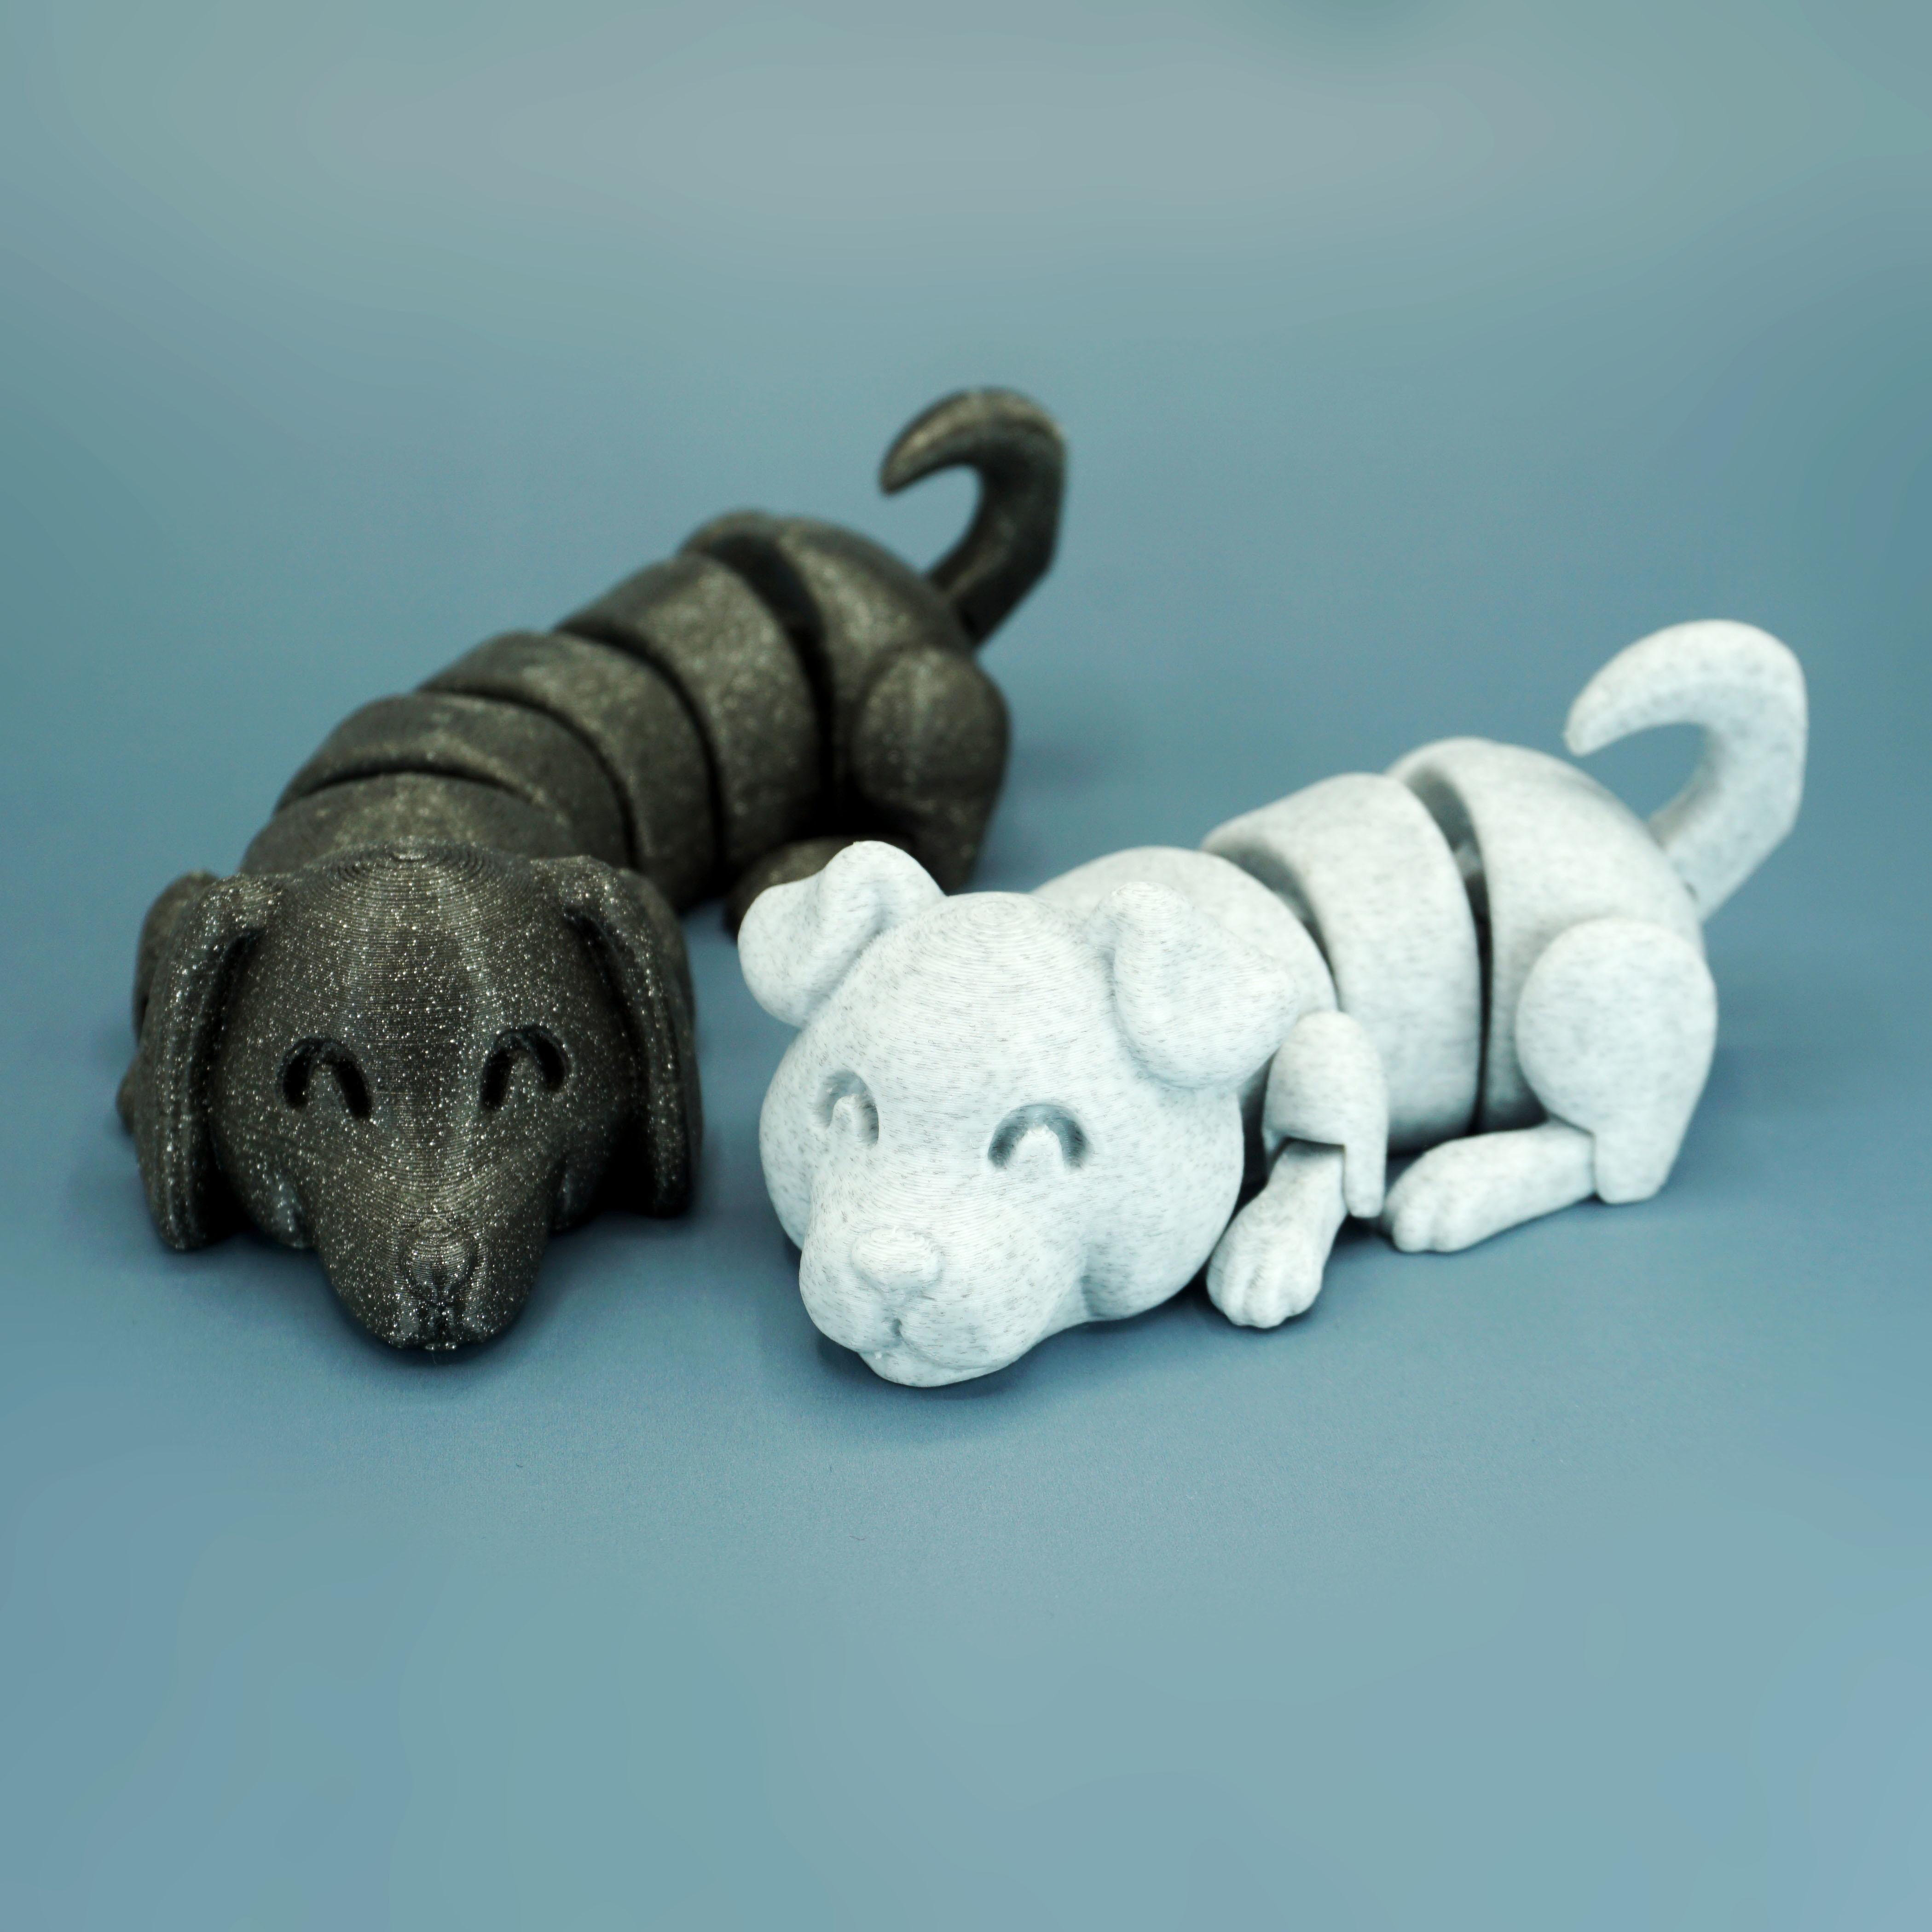 DSC01663 copia.jpg Download STL file Lazy Dogs • 3D print design, mcgybeer